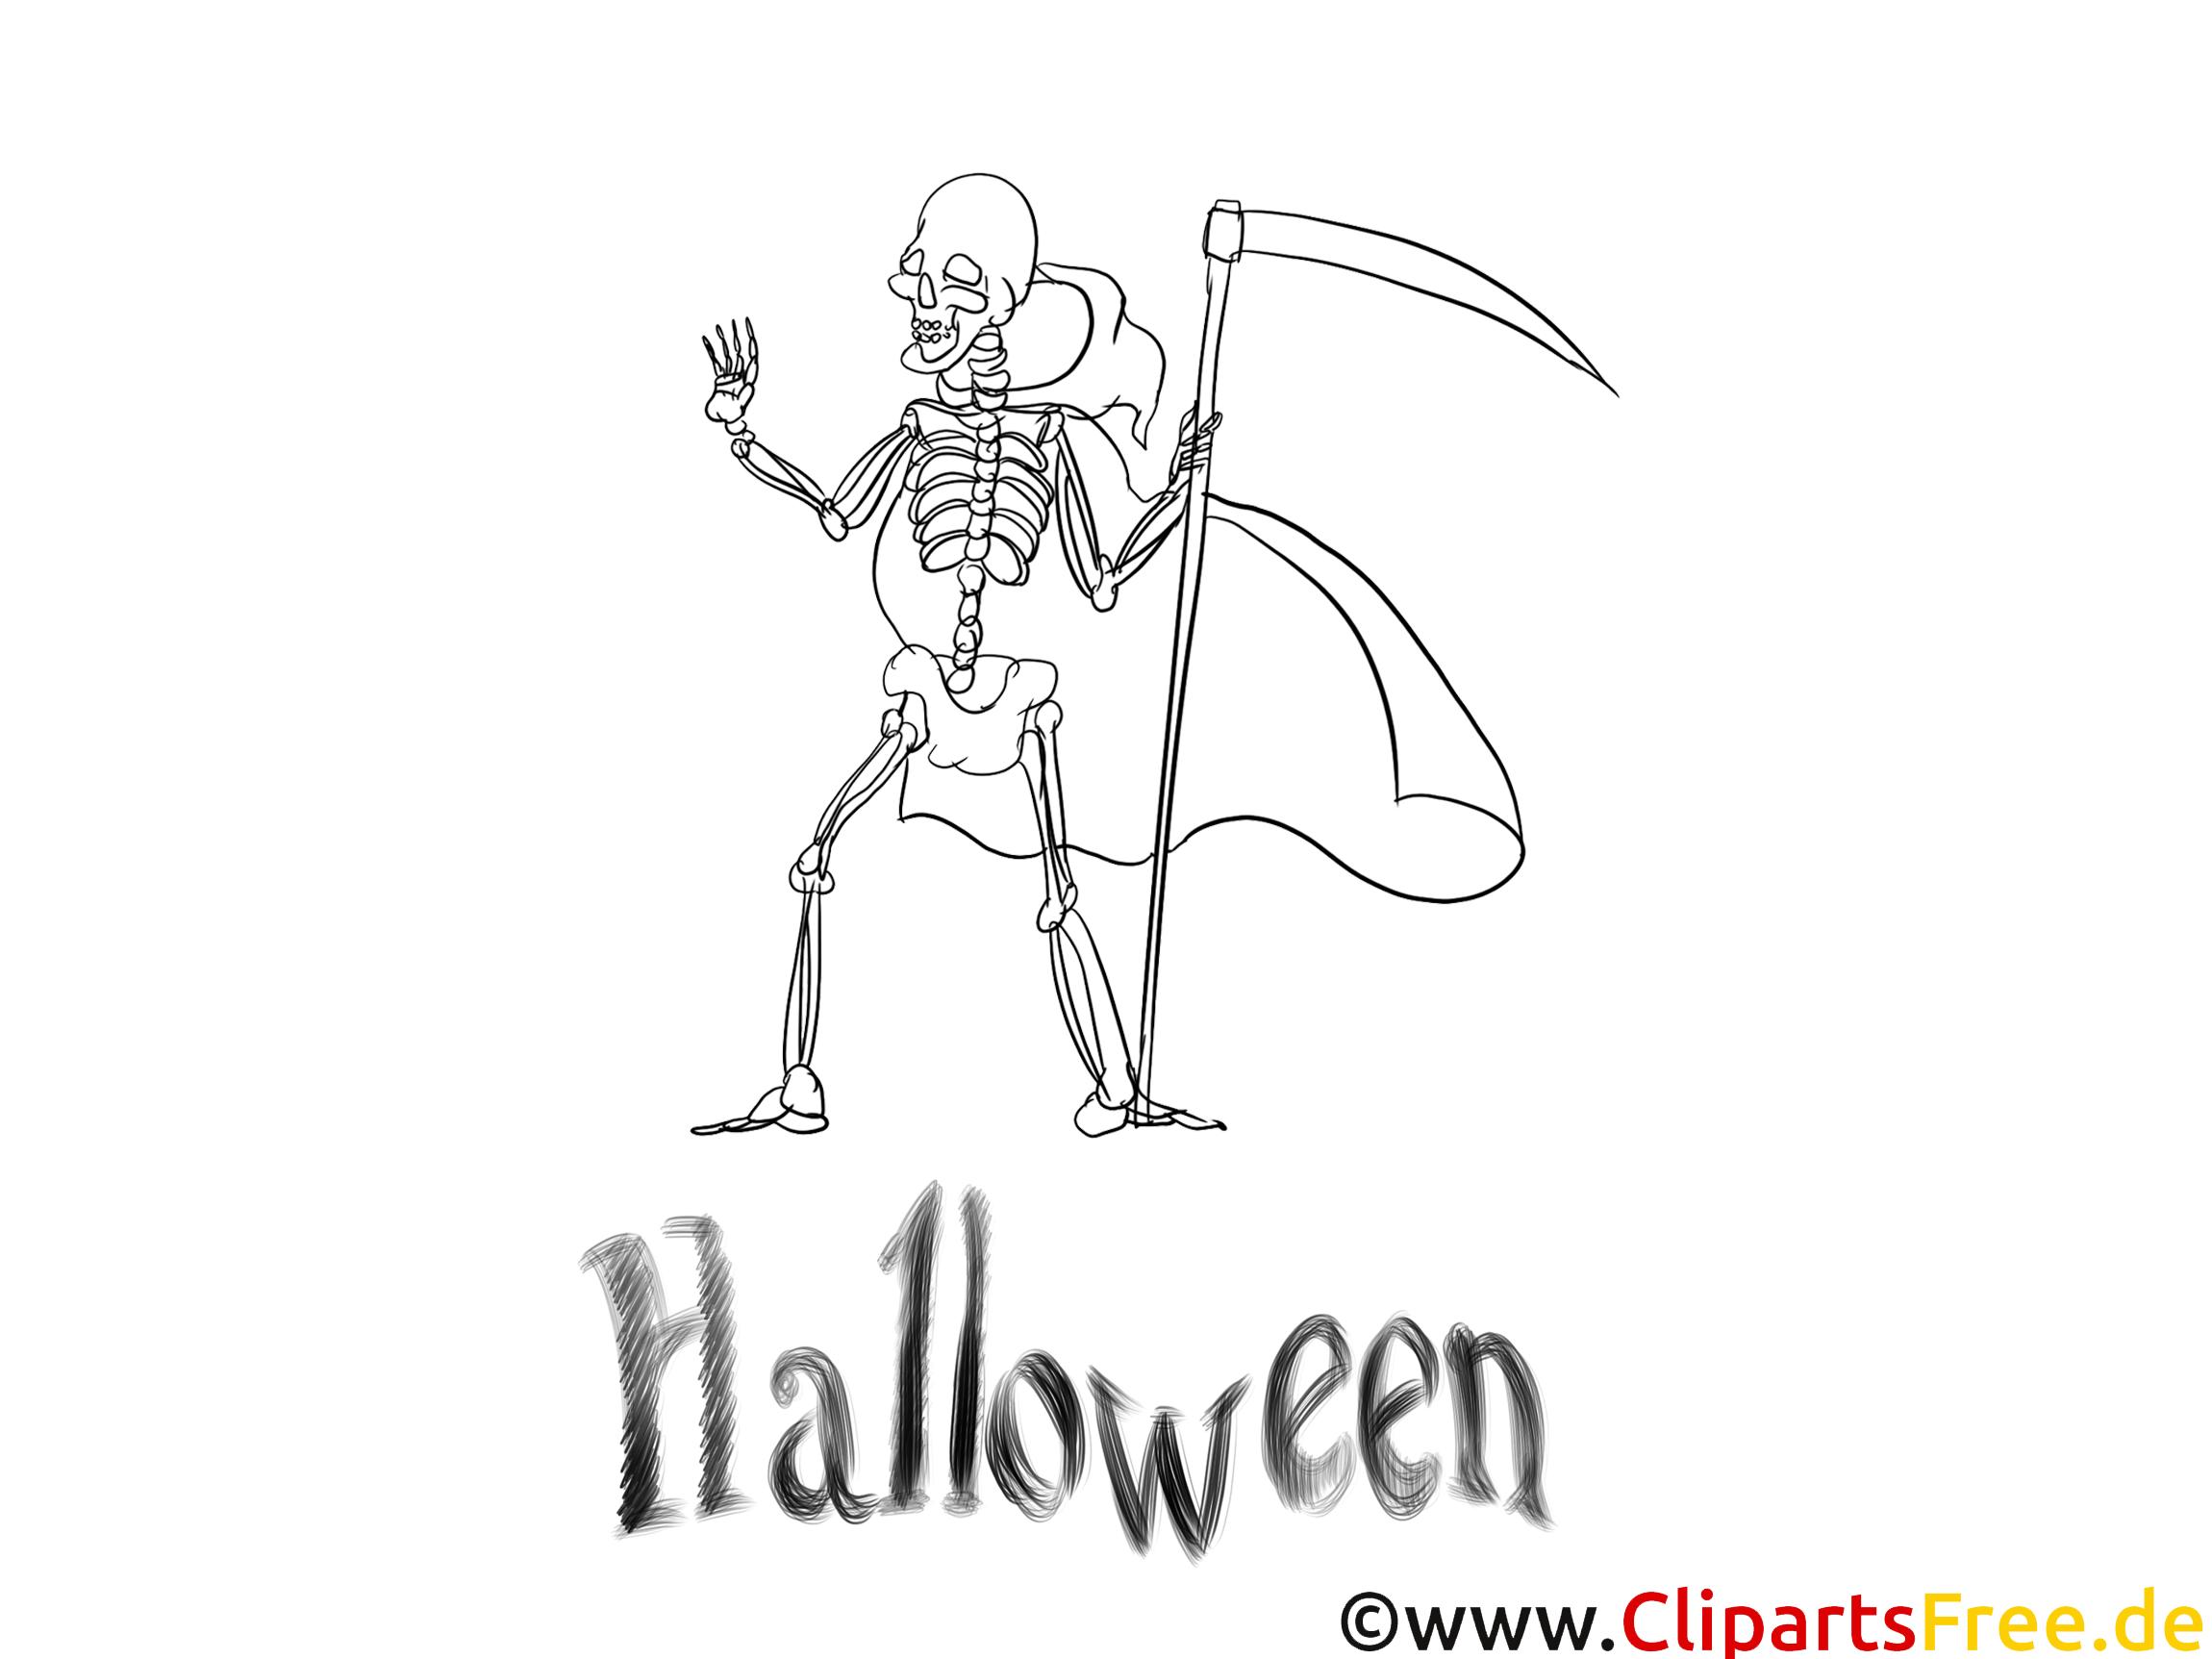 Squelette Dessin Halloween.Squelette Dessin Coloriage Halloween à Télécharger Halloween